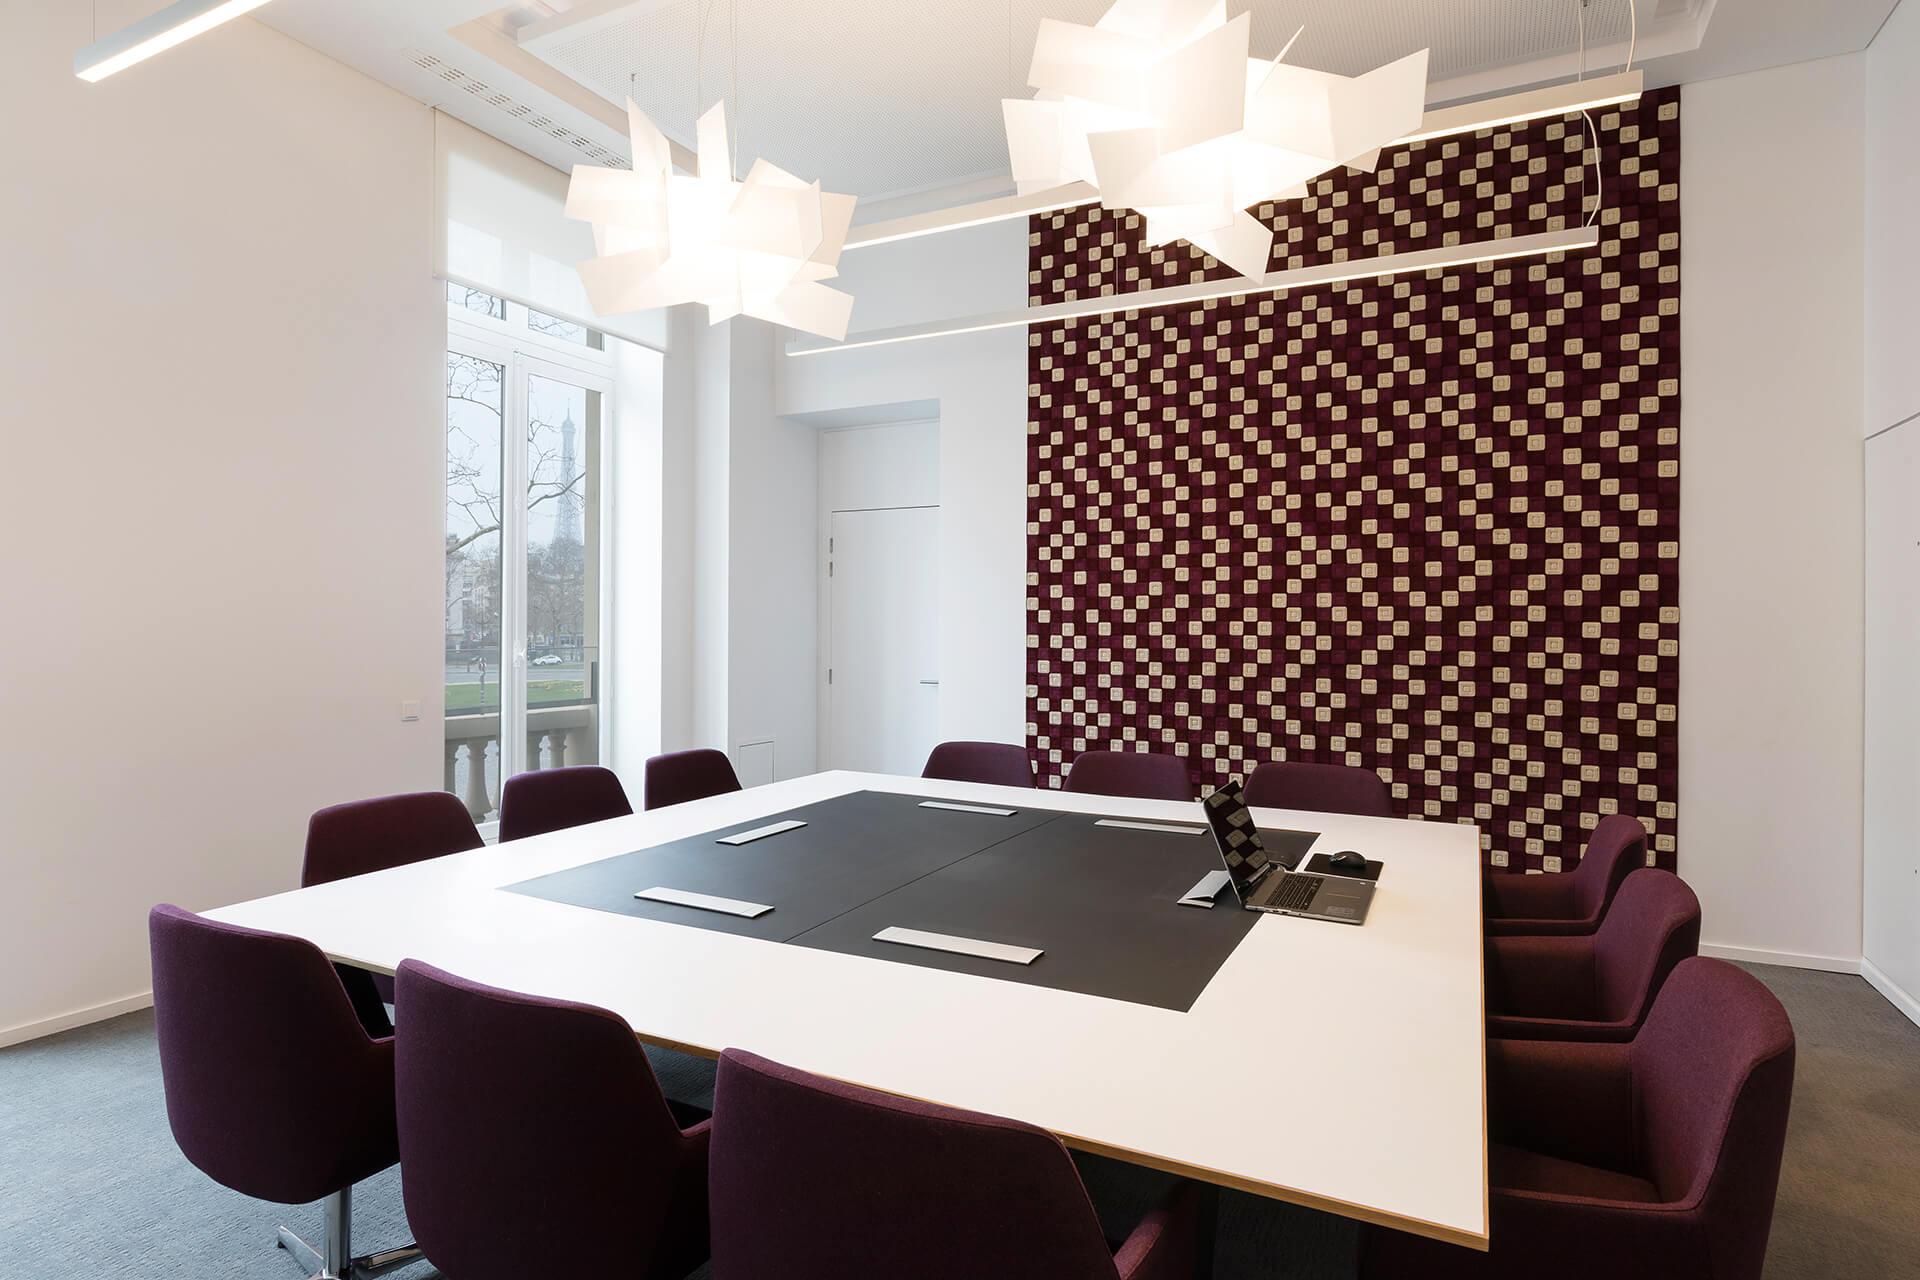 espaço de reuniões inovador - projeto krion